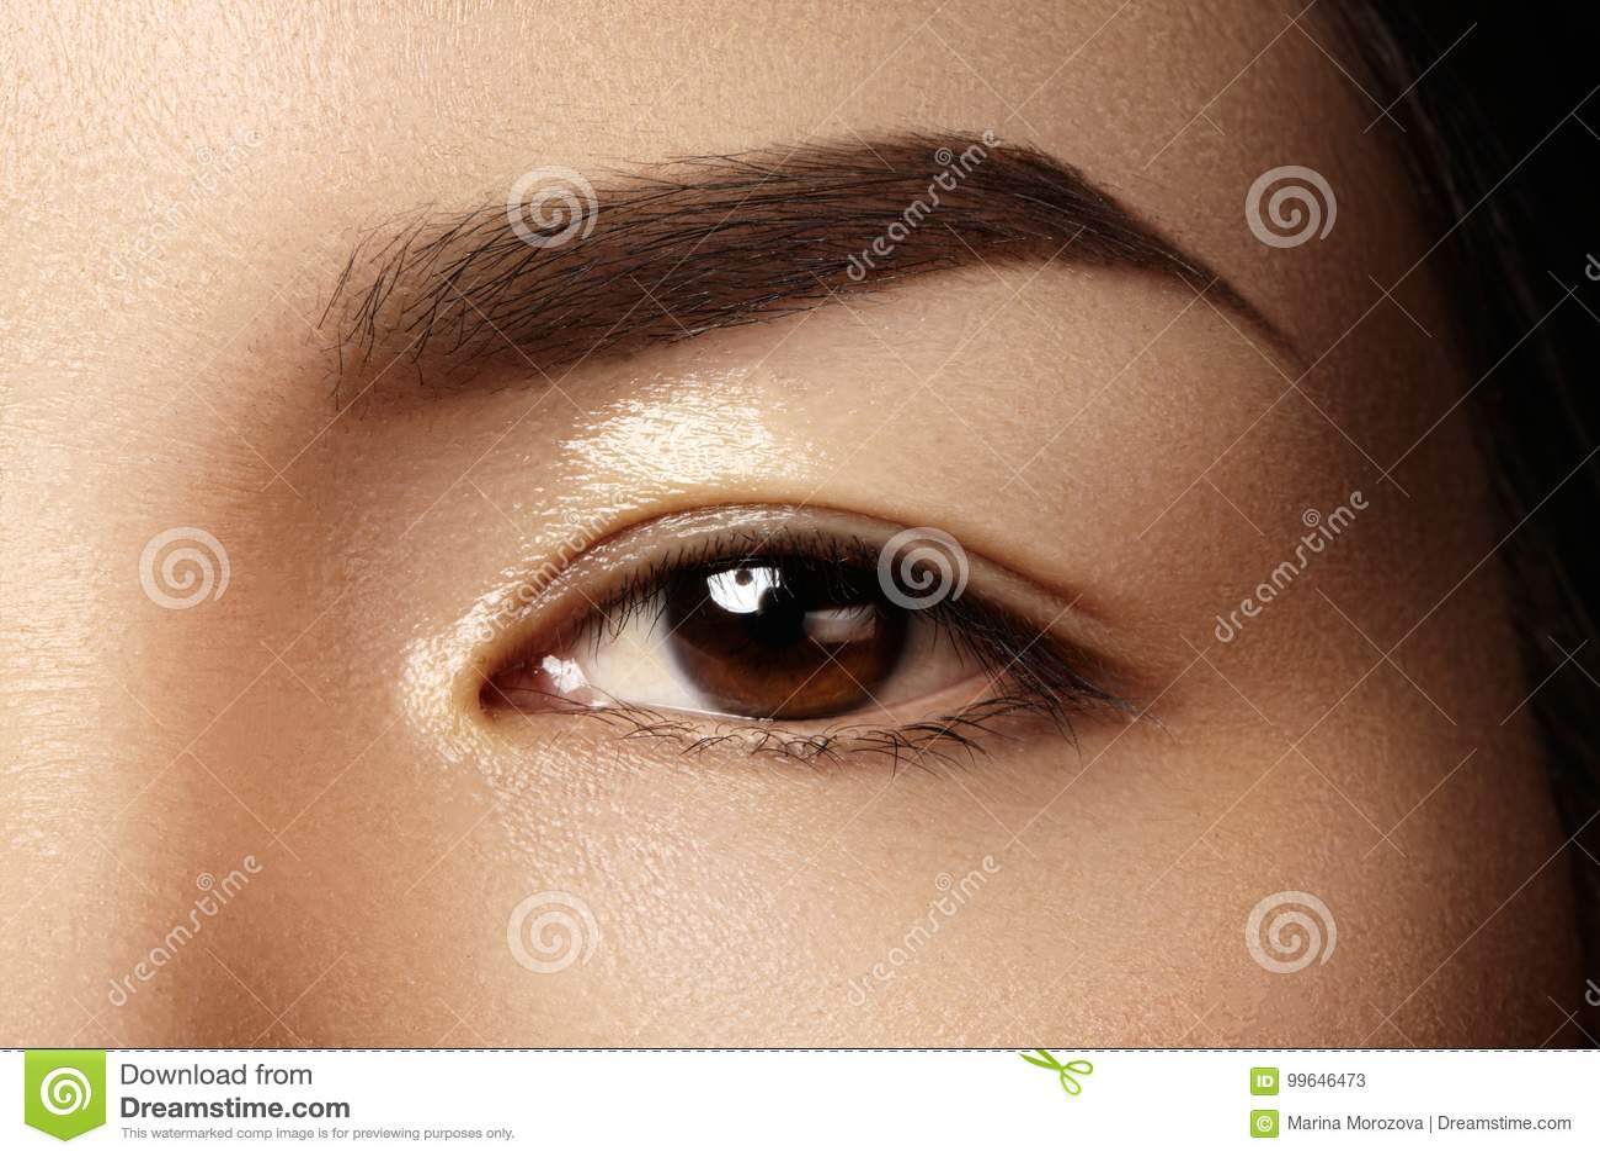 Mooi vrouwelijk oog met schone huid, dagelijkse maniermake-up Aziatisch modelgezicht Perfecte vorm van wenkbrauw